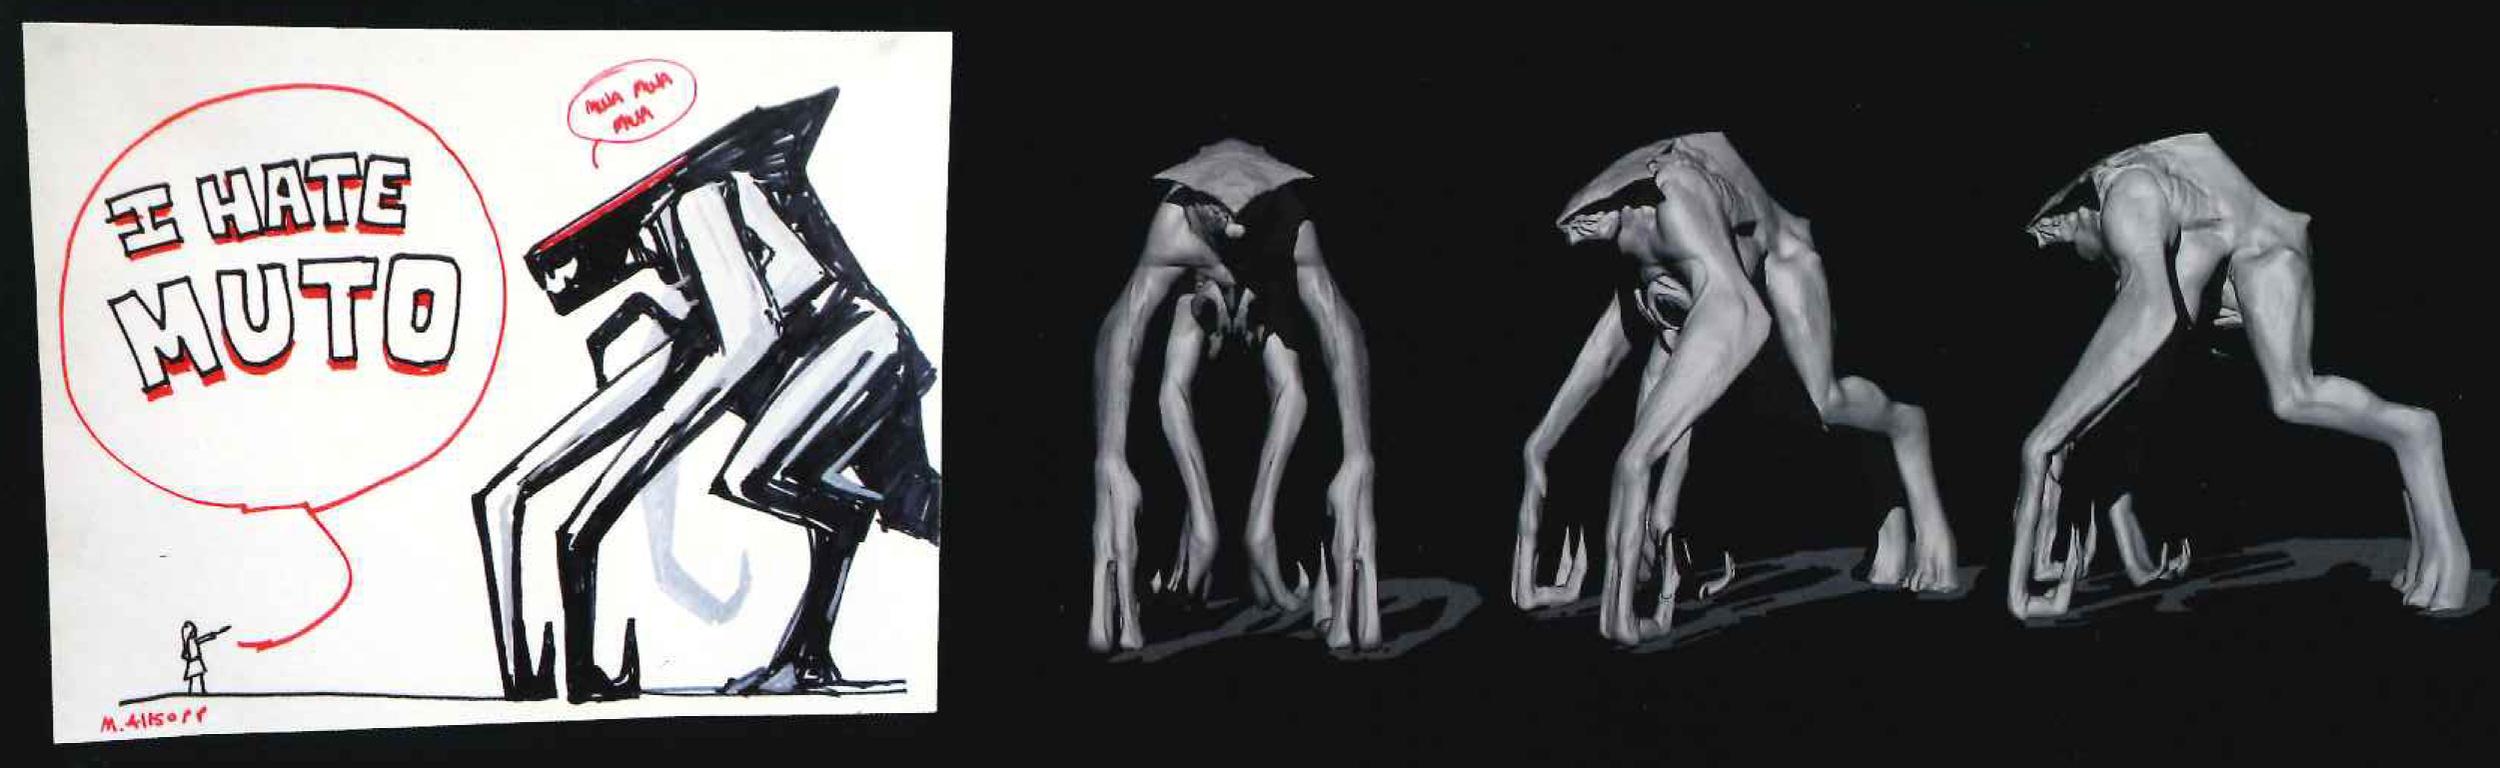 Zbrush concept de uno de los Mutos.